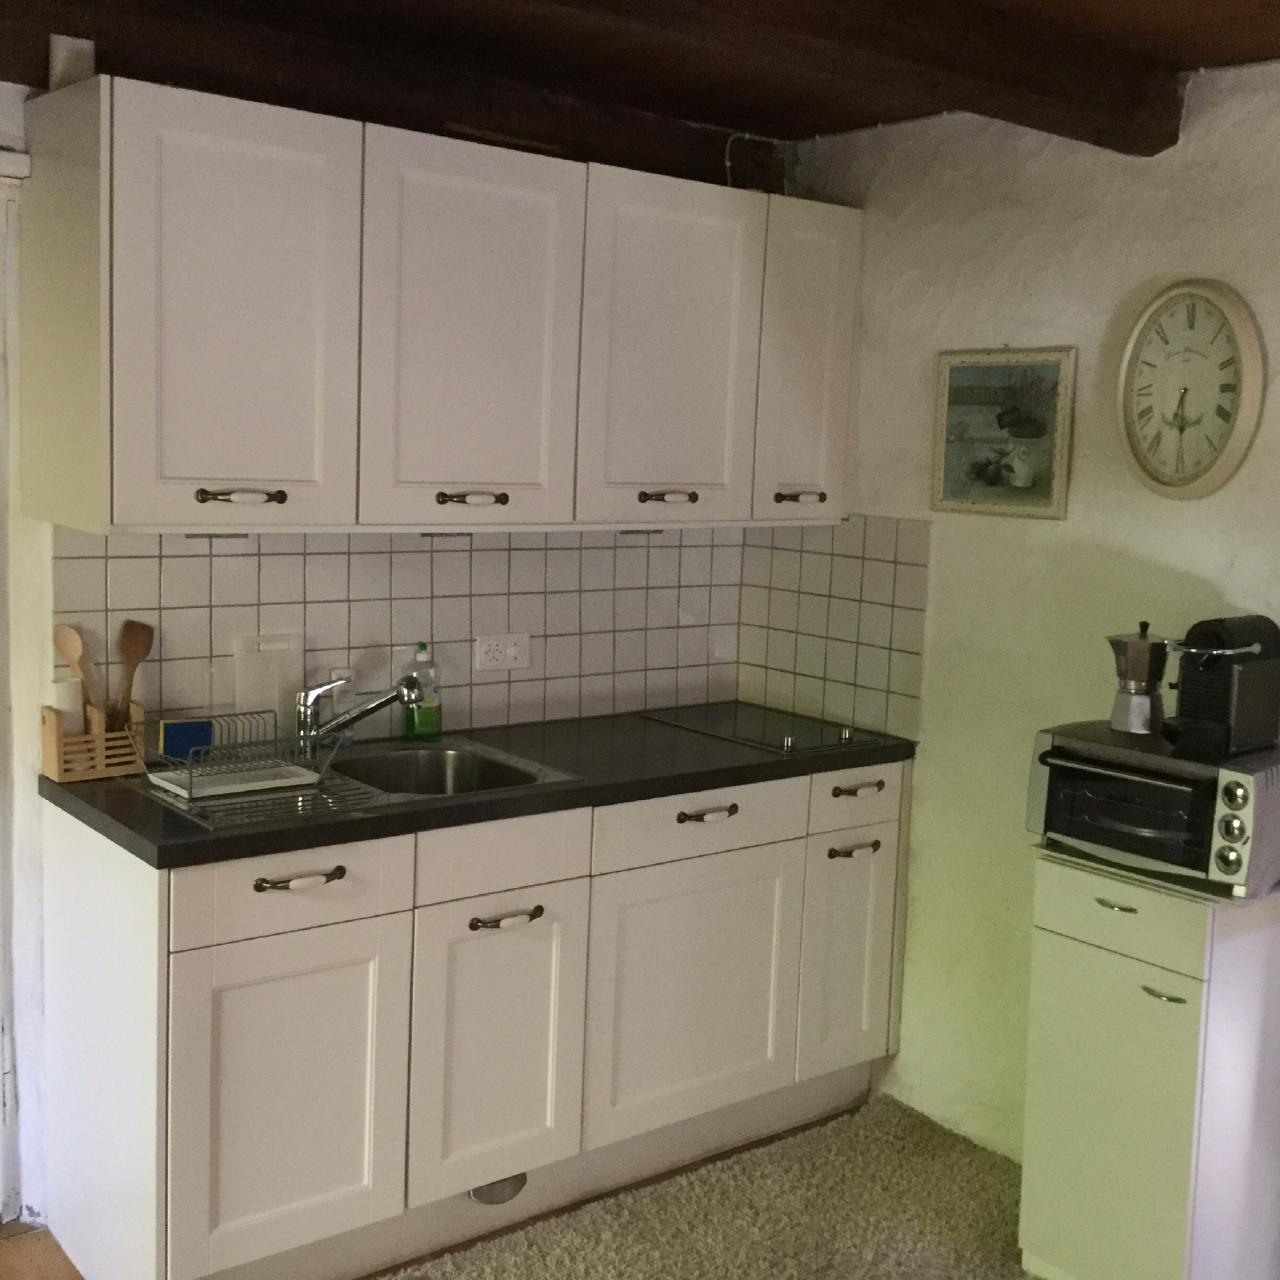 Ferienhaus Rustico Casa Valeria (2390790), Brontallo, Maggiatal, Tessin, Schweiz, Bild 4